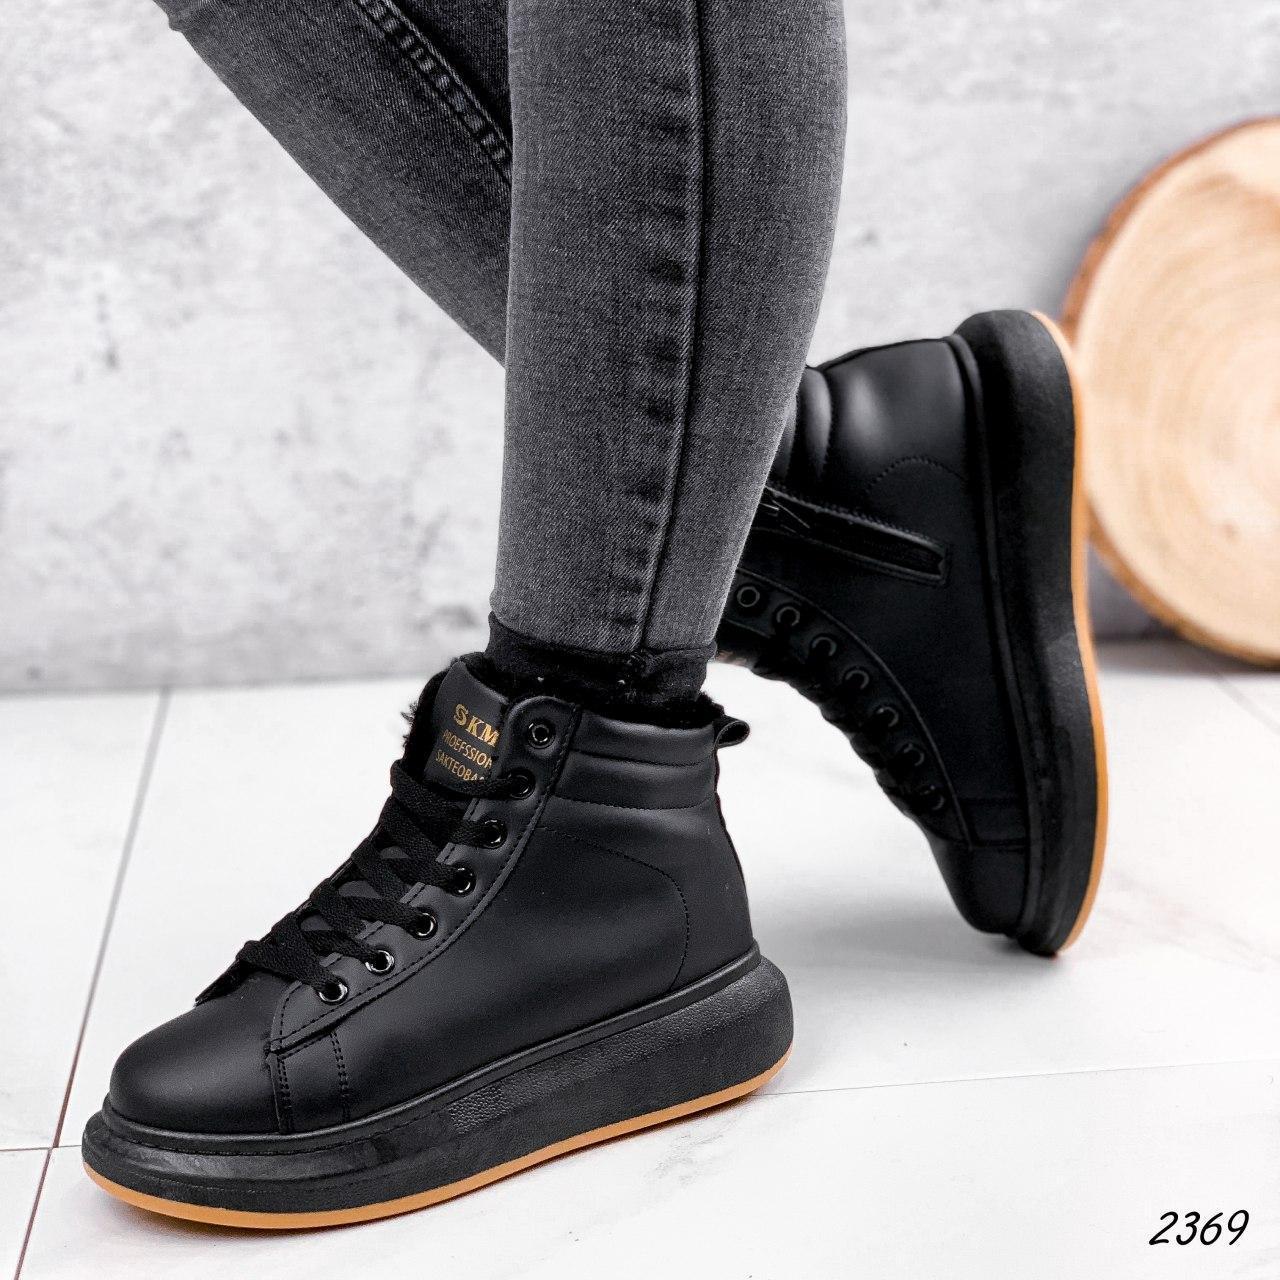 Кросівки жіночі чорні, зимові з еко шкіри. Кросівки жіночі теплі чорні з еко шкіри